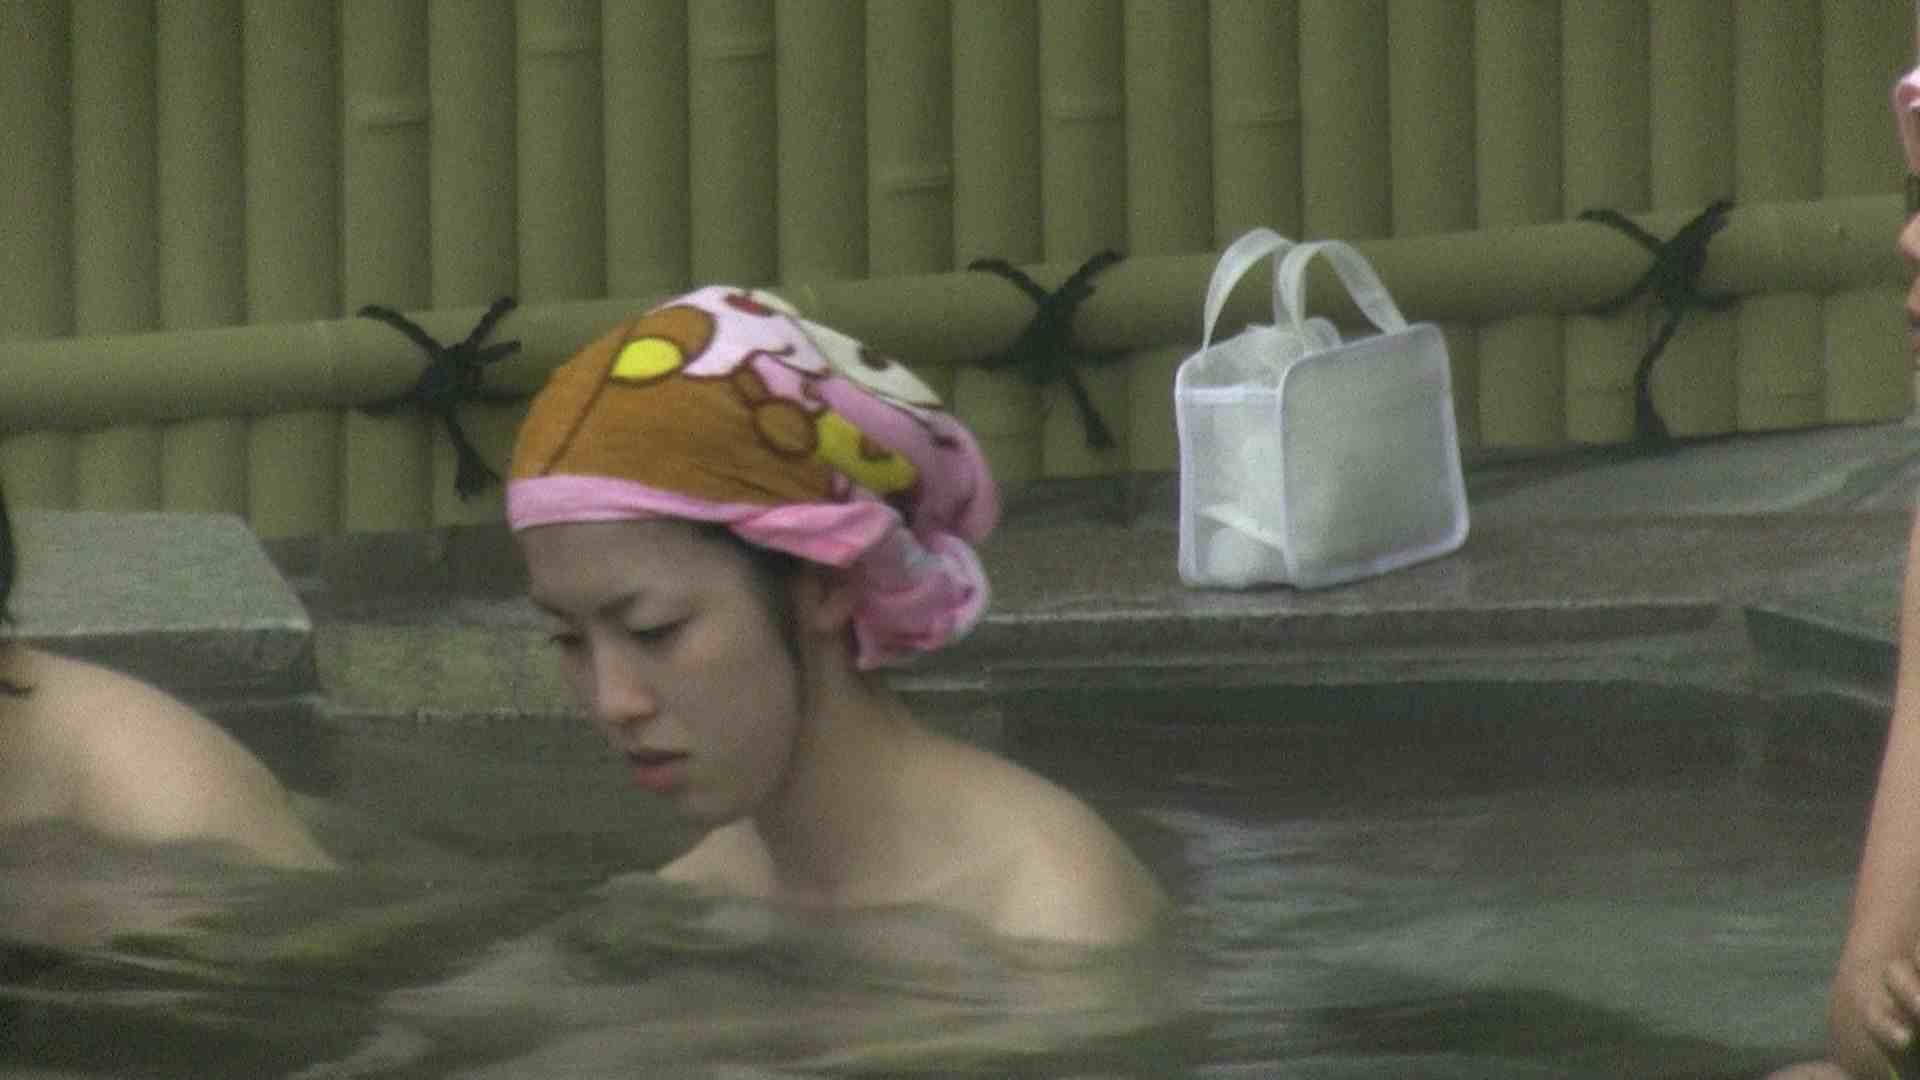 Aquaな露天風呂Vol.171 露天   盗撮  108PICs 49